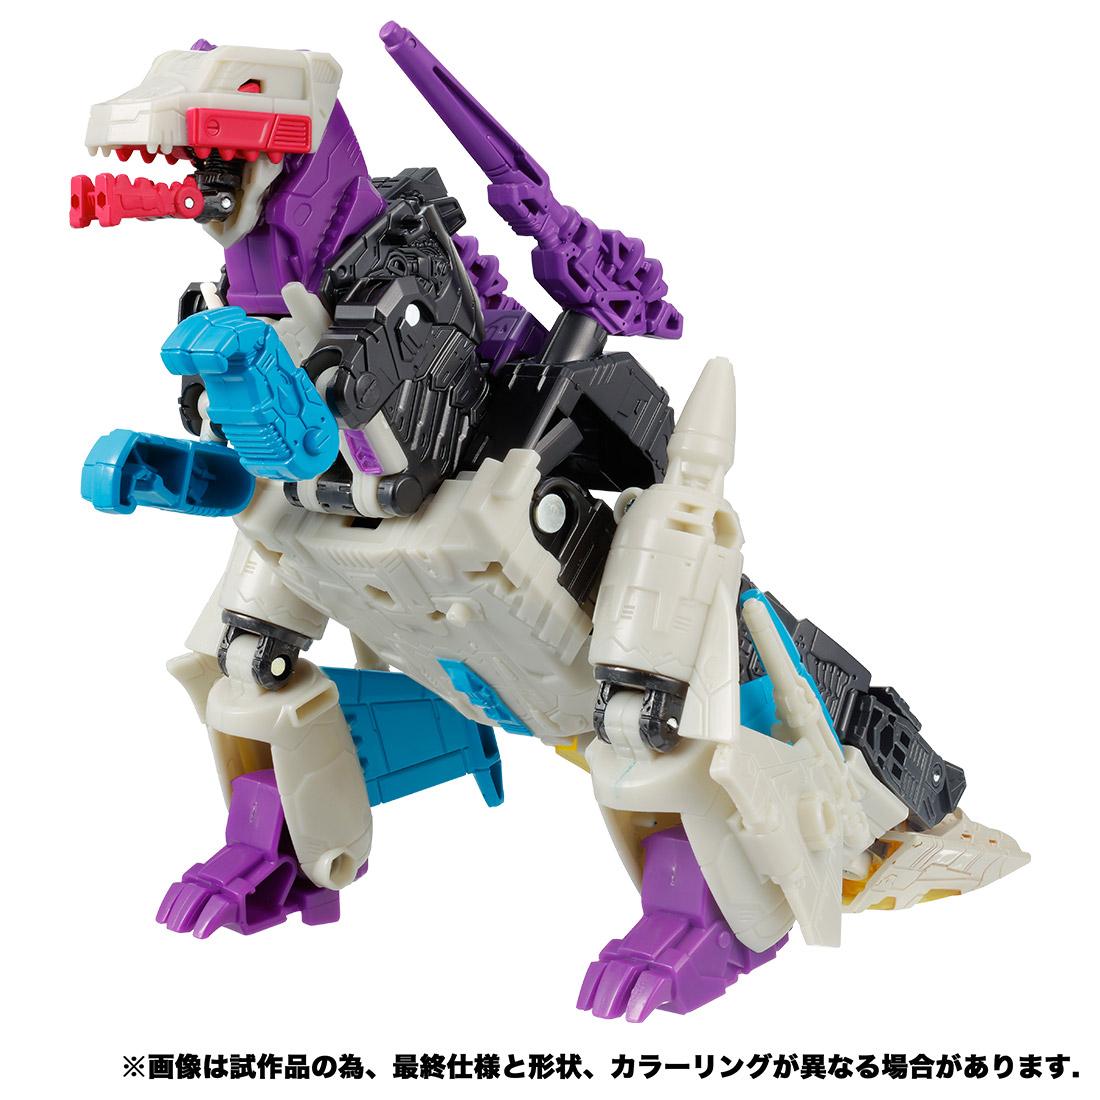 【限定販売】トランスフォーマー アースライズ『ER EX-10 スナップドラゴン』可変可動フィギュア-002